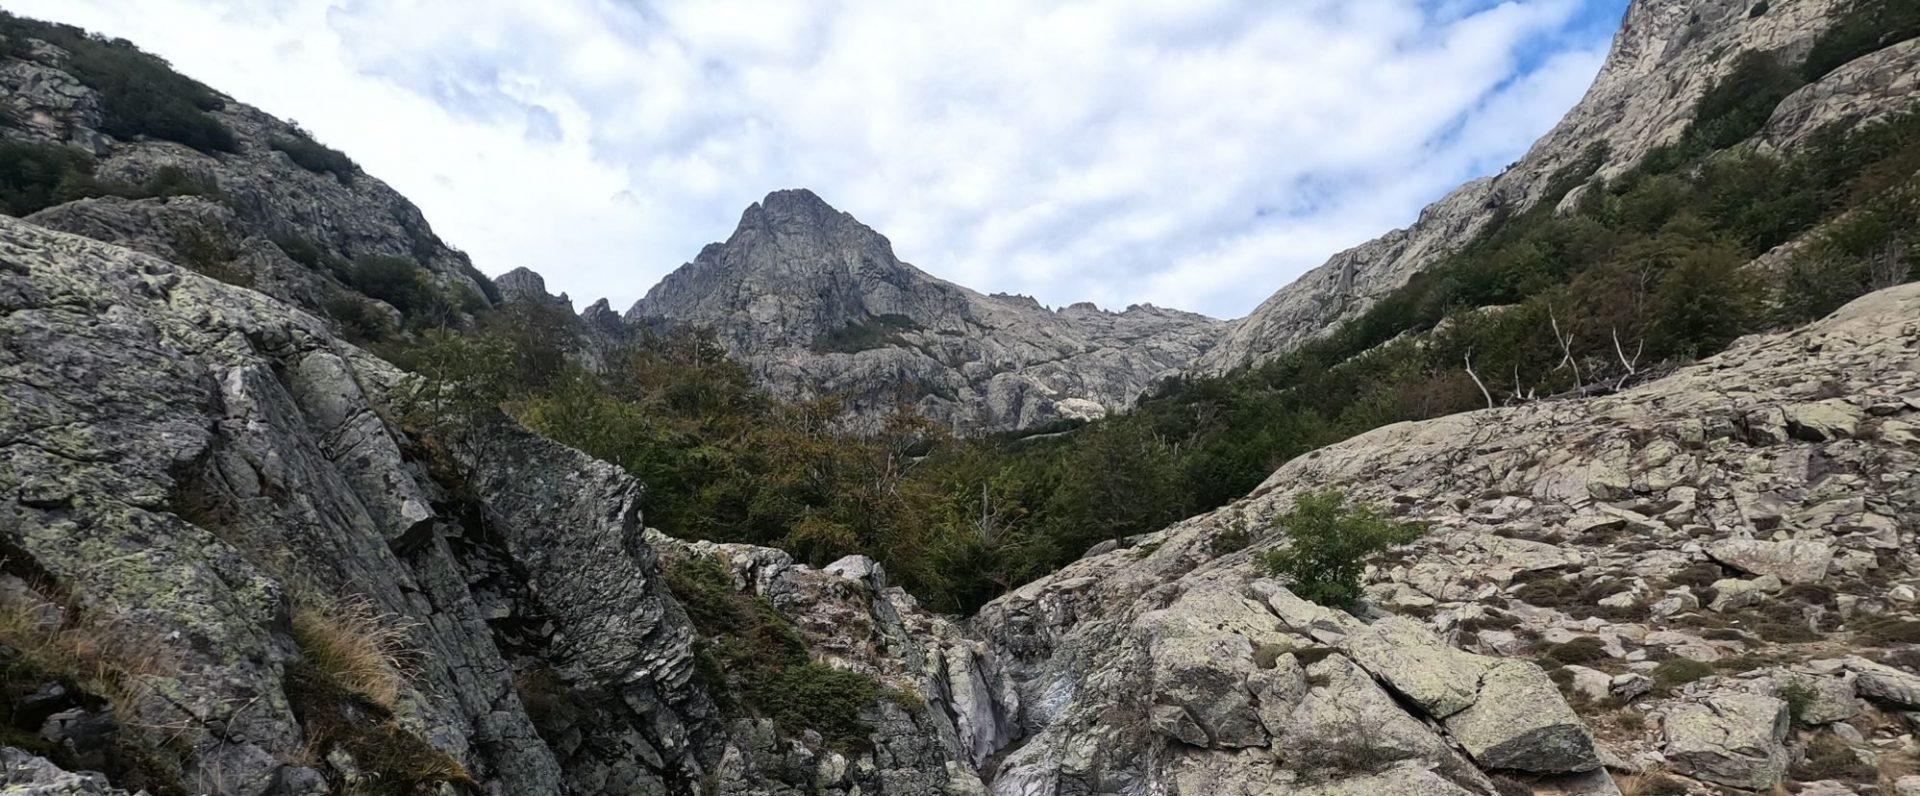 monte oro GR20 montagne corse foret vizzavona